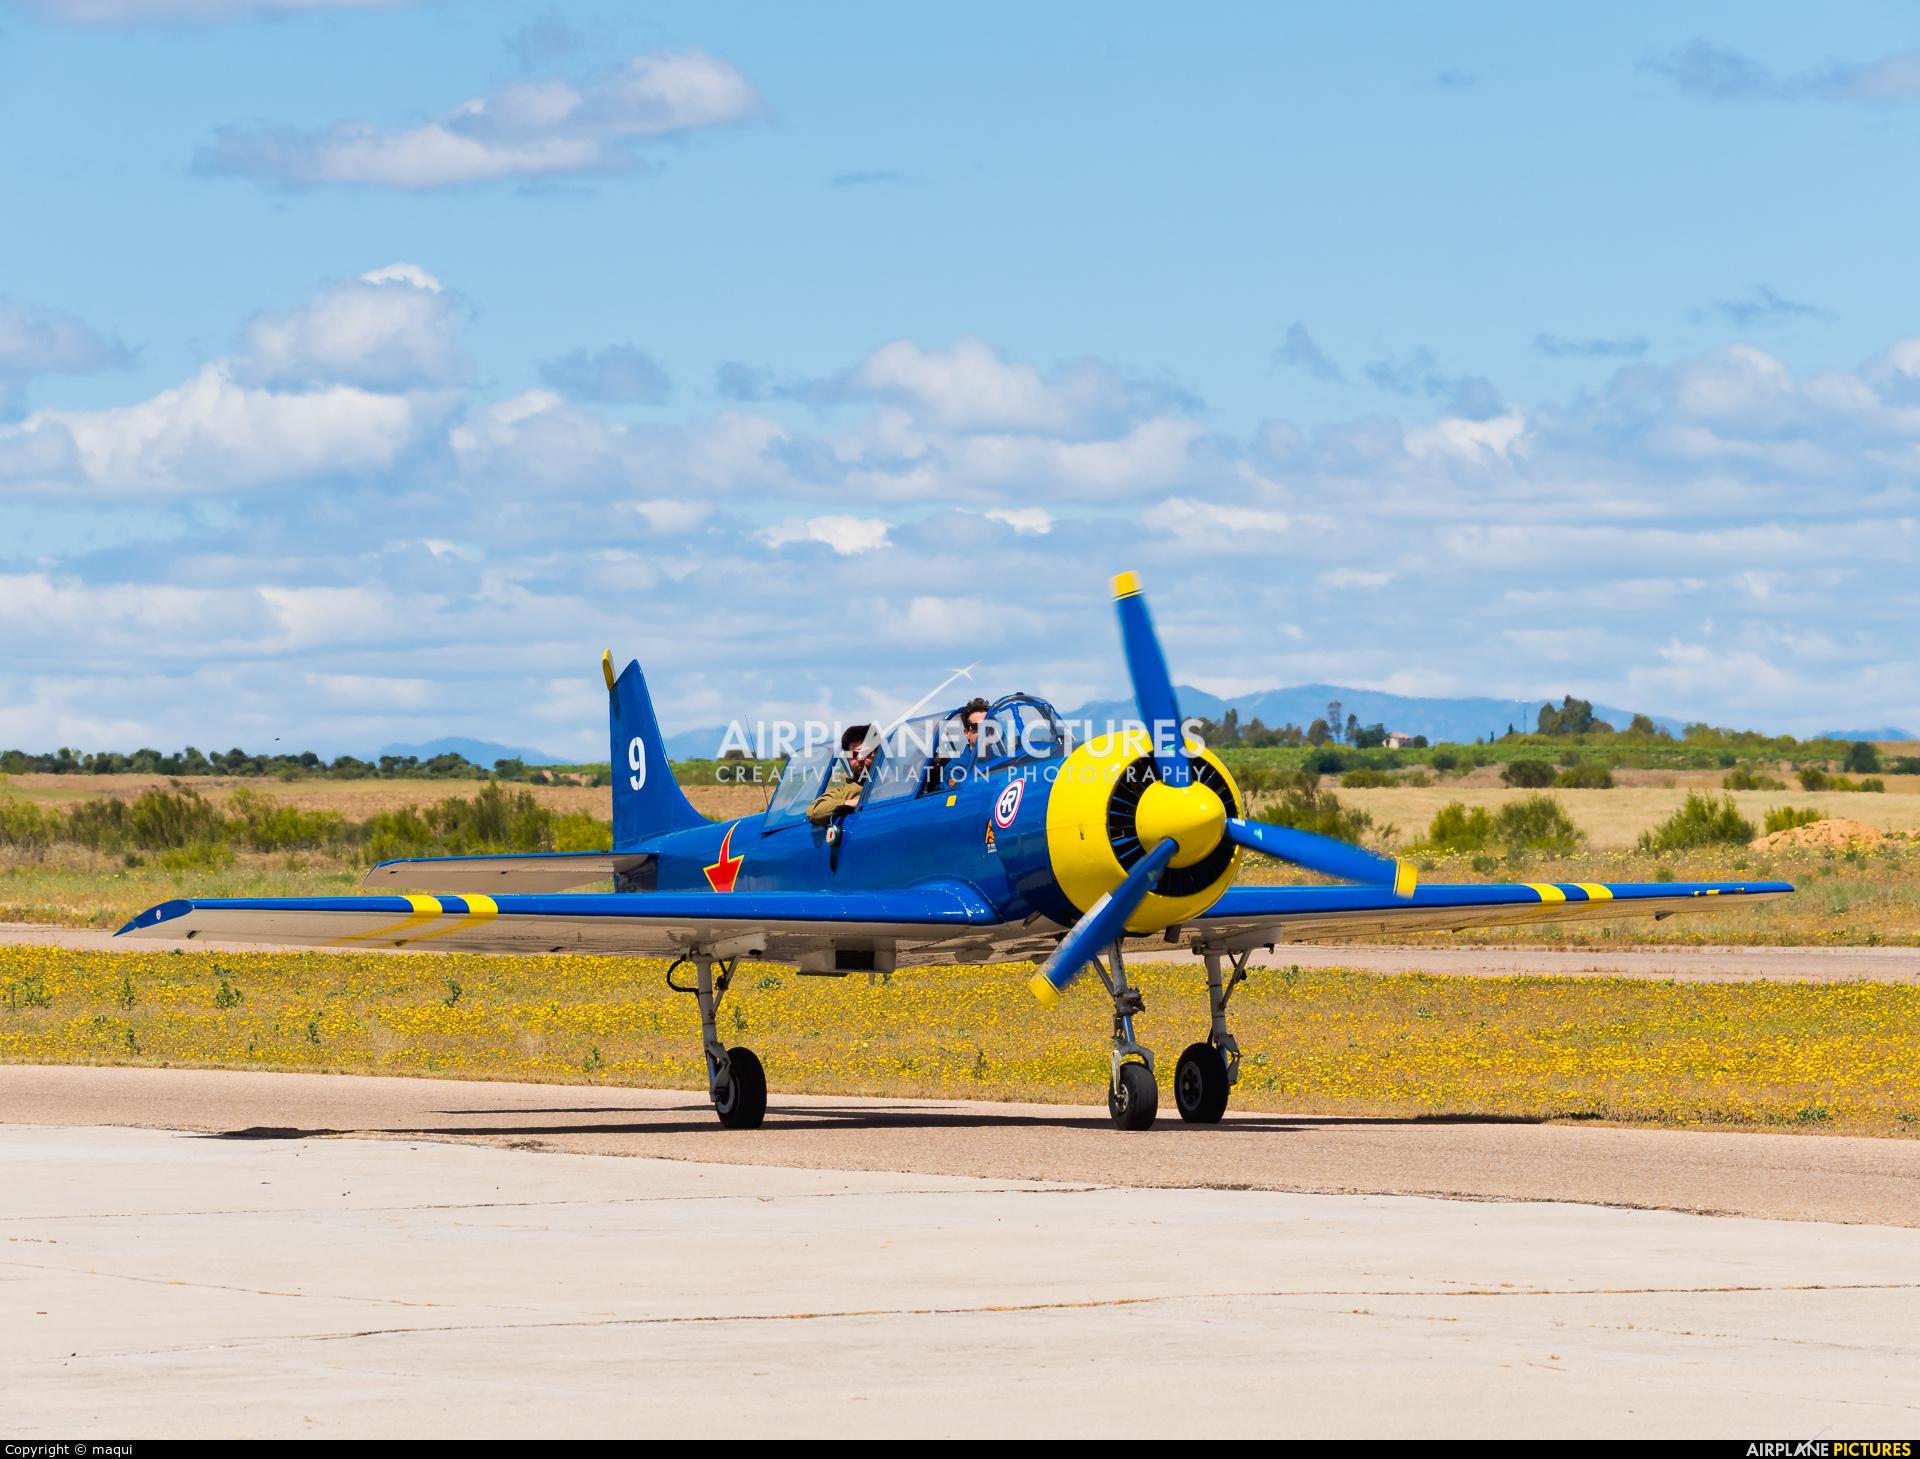 """Asociación Deportiva """"Jacob 52"""" EC-HYN aircraft at Casarrubios del Monte"""